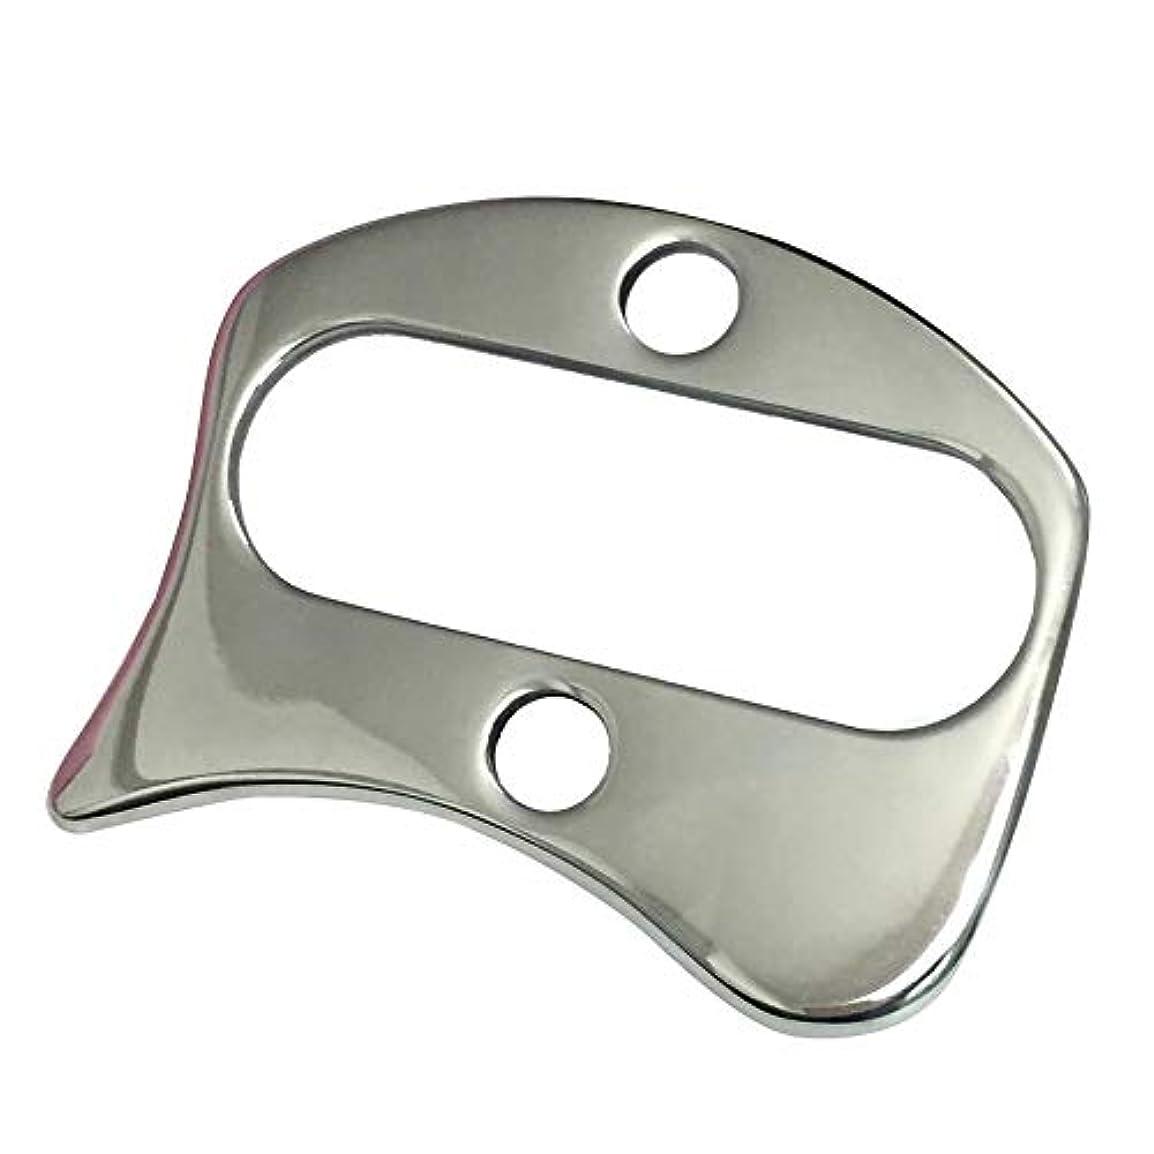 伸ばすプロテスタント淡い304ステンレス鋼 筋肉マッサージャー 理学療法 多機能 軟部組織 疼痛緩和 軽減筋膜 健康製品